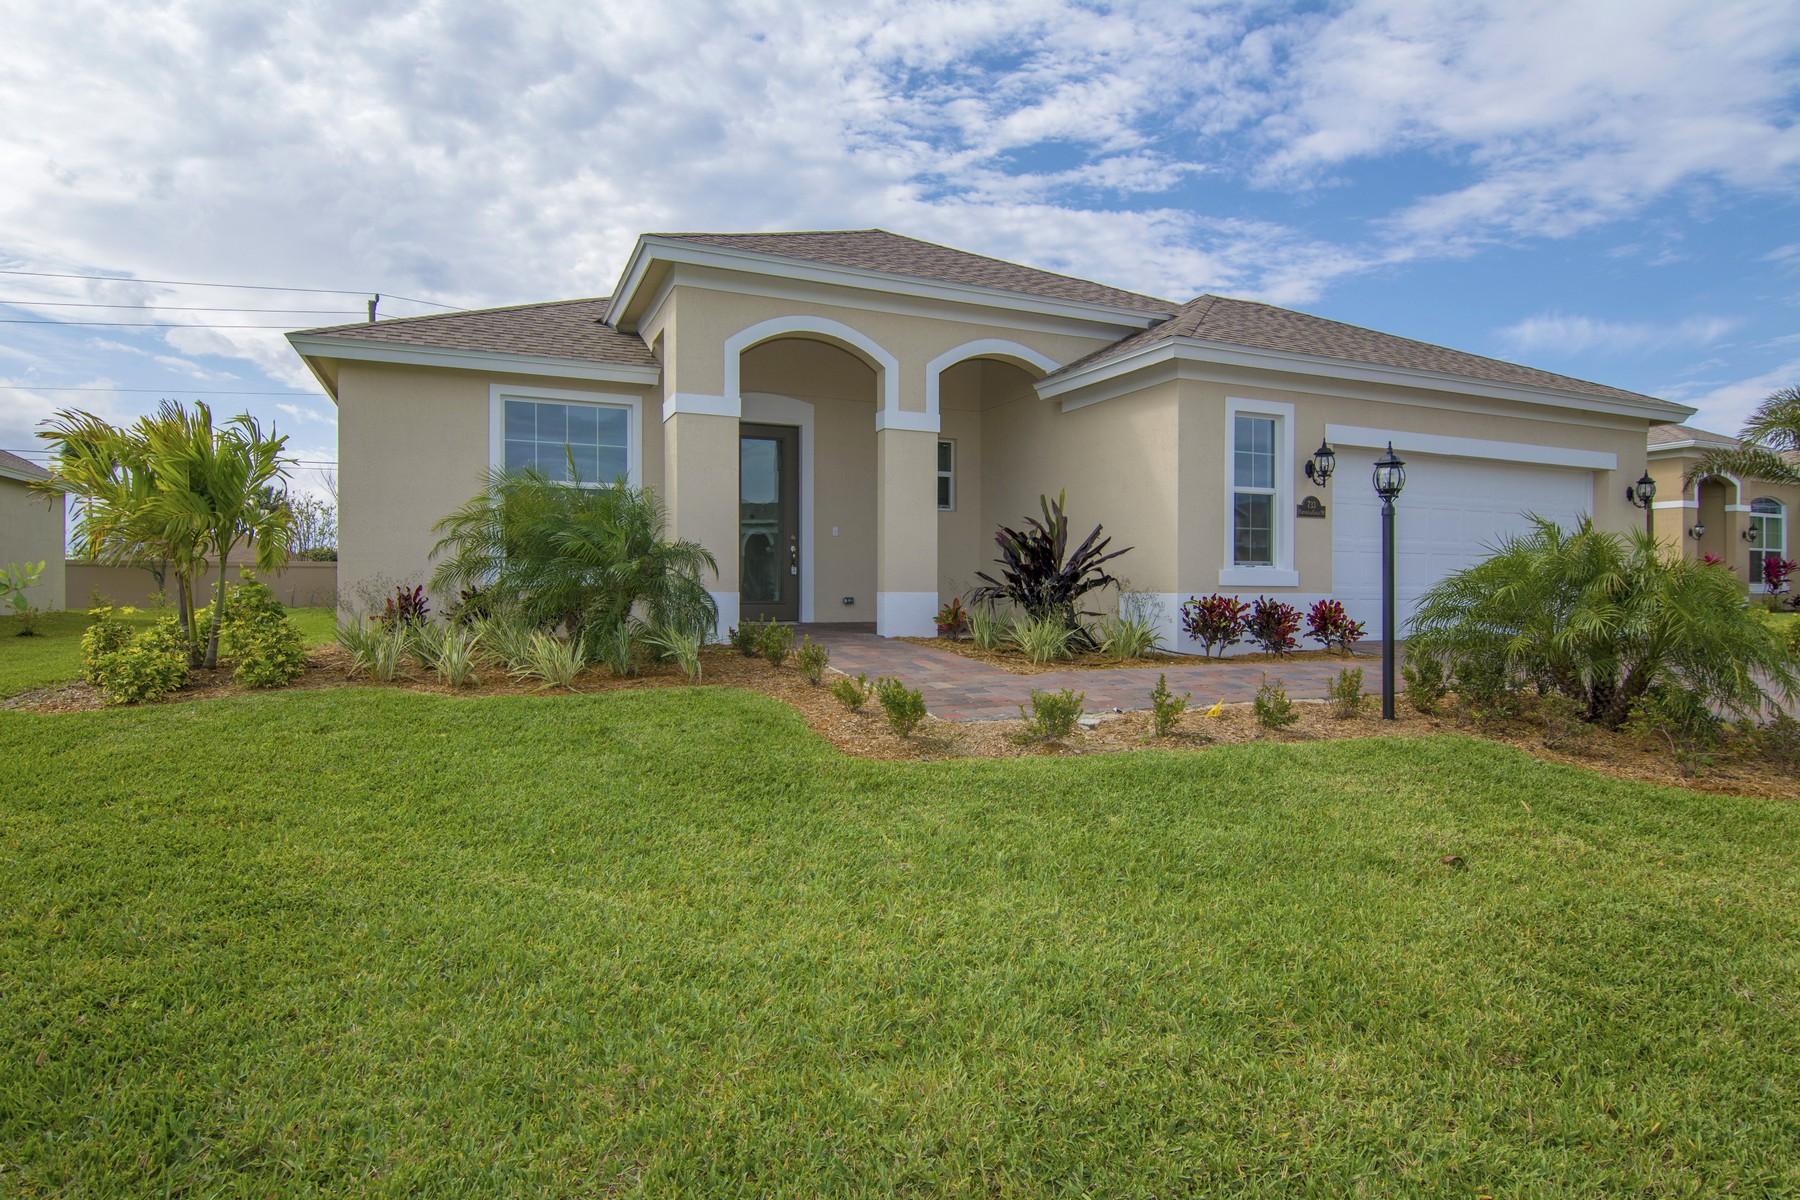 独户住宅 为 销售 在 New Construction with No Wait! GHO Closeout! 733 Fortunella Circle SW, 维罗海滩, 佛罗里达州, 32968 美国